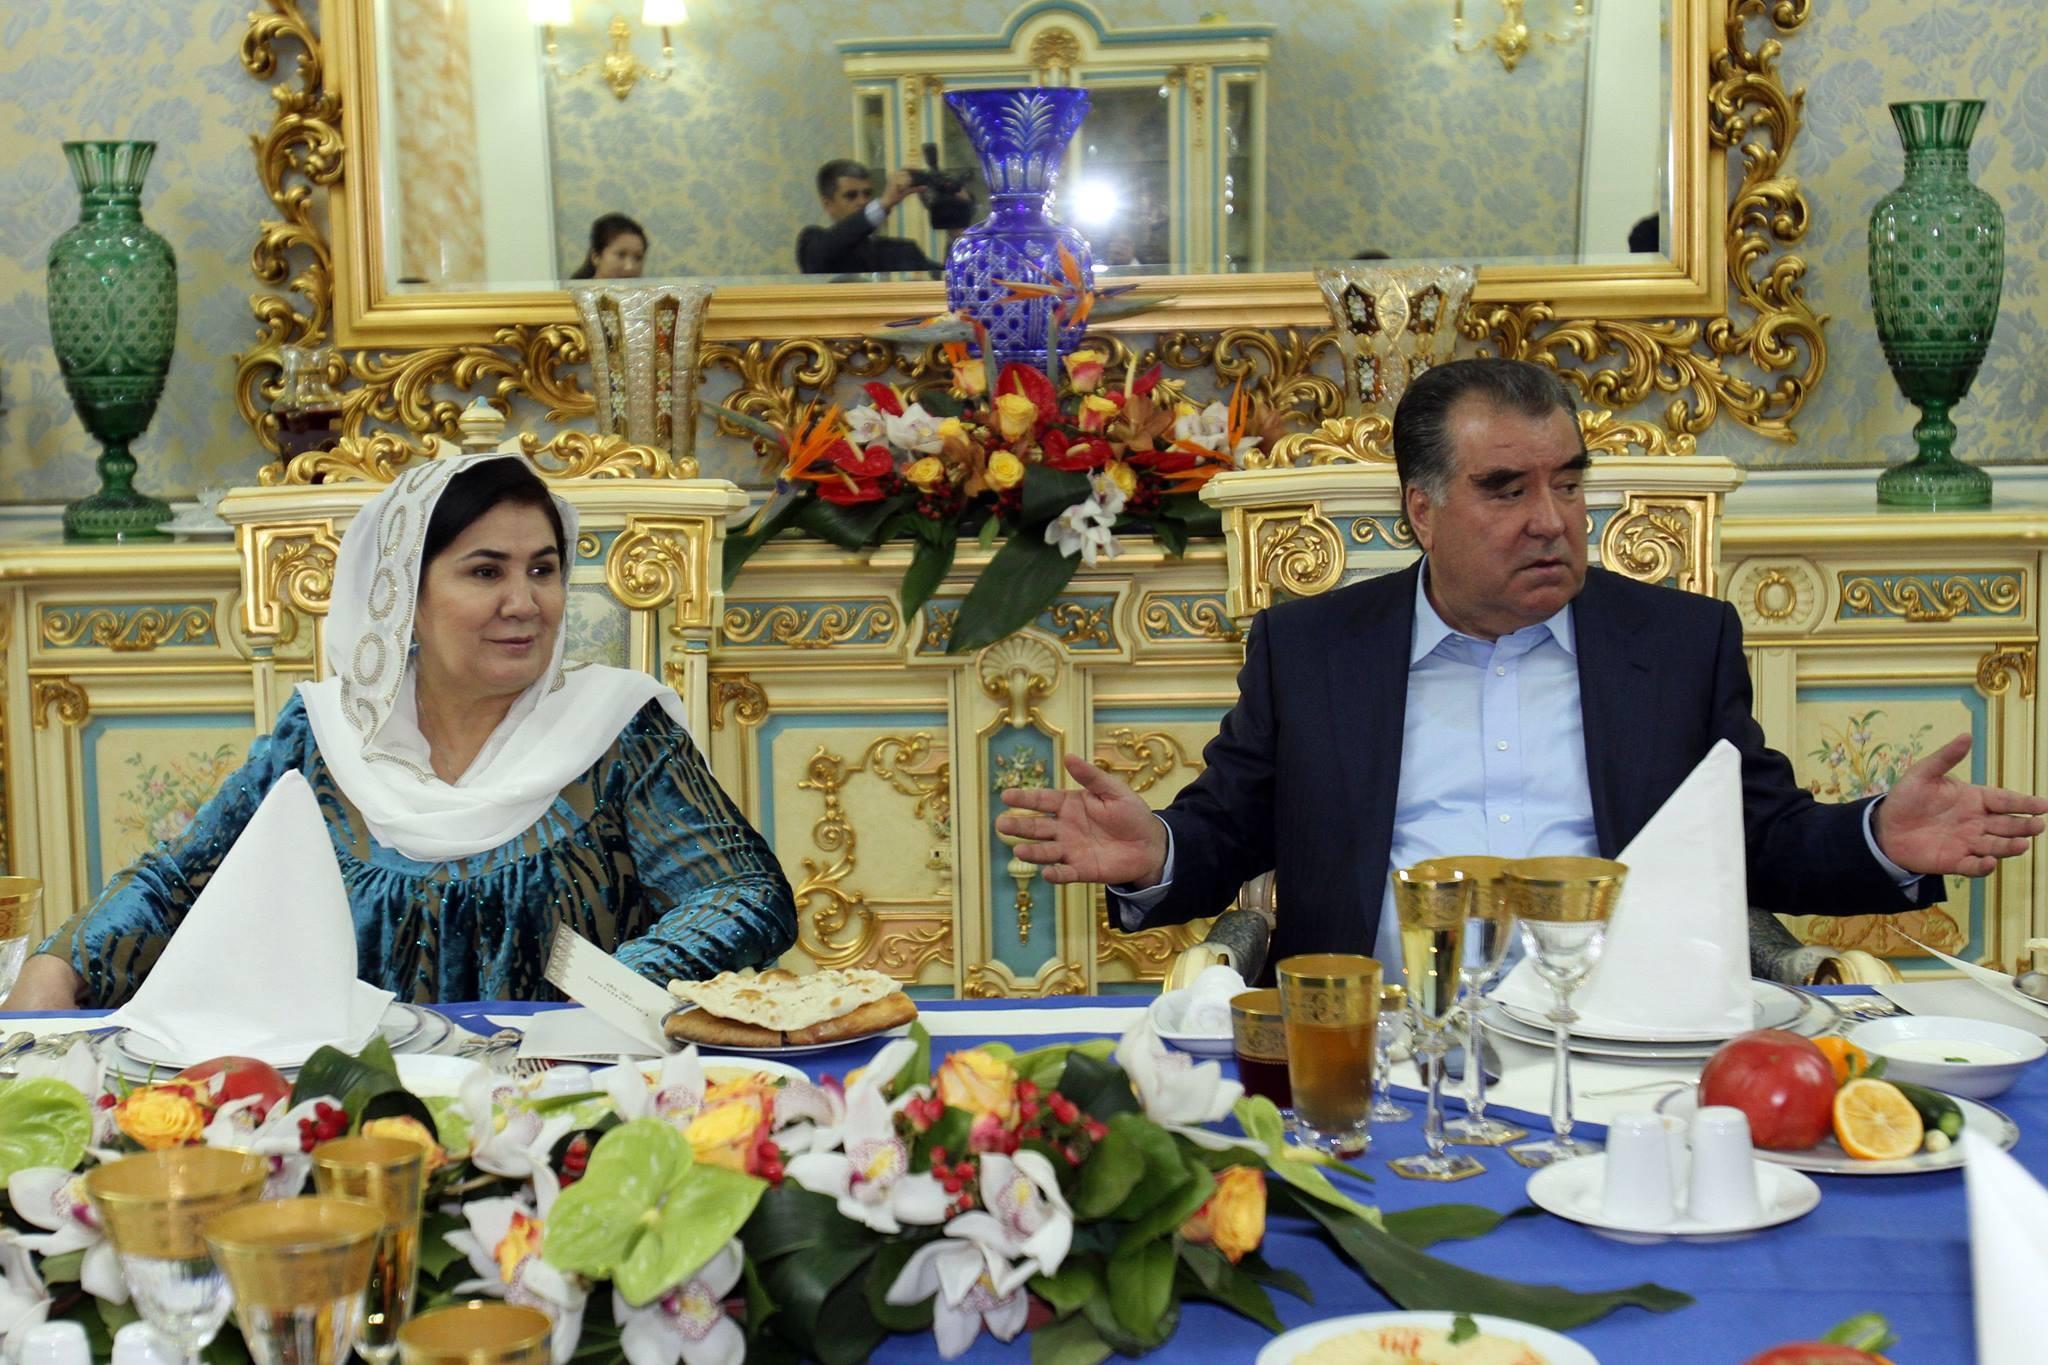 Прилет президента Таджикистана в местное село начался с убийства директора аэропорта